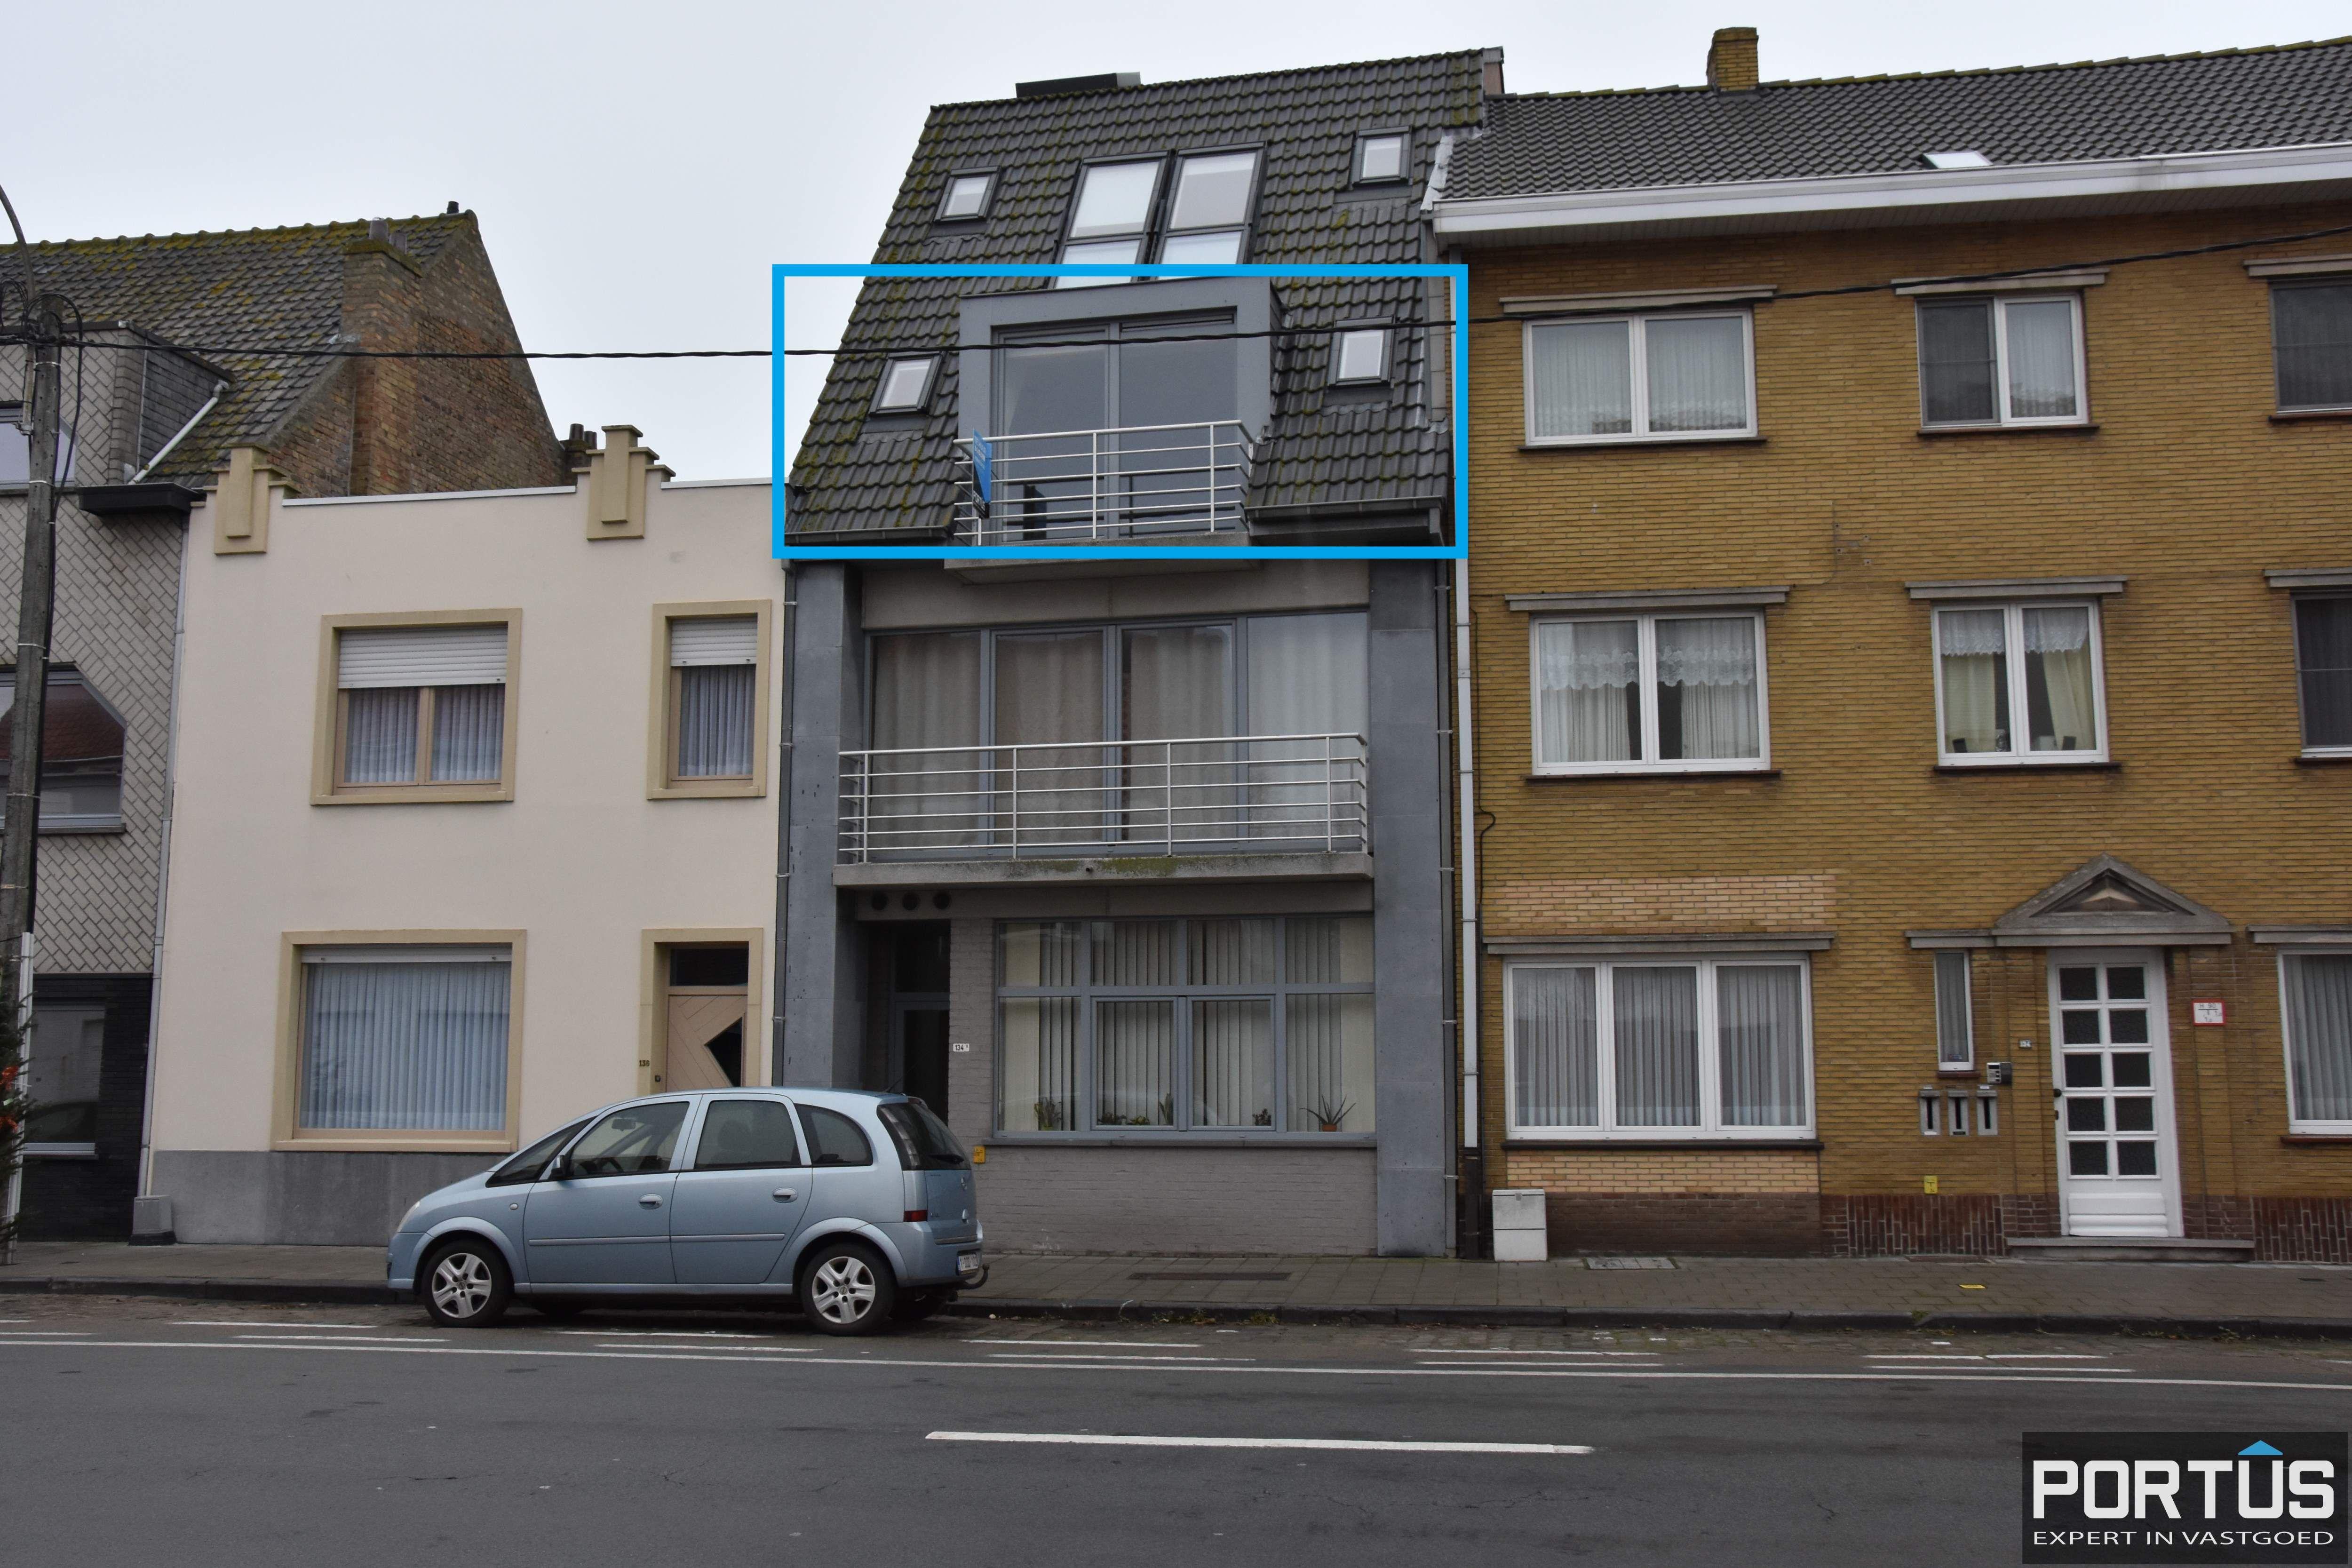 Appartement te huur met 2 slaapkamers in Lombardsijde